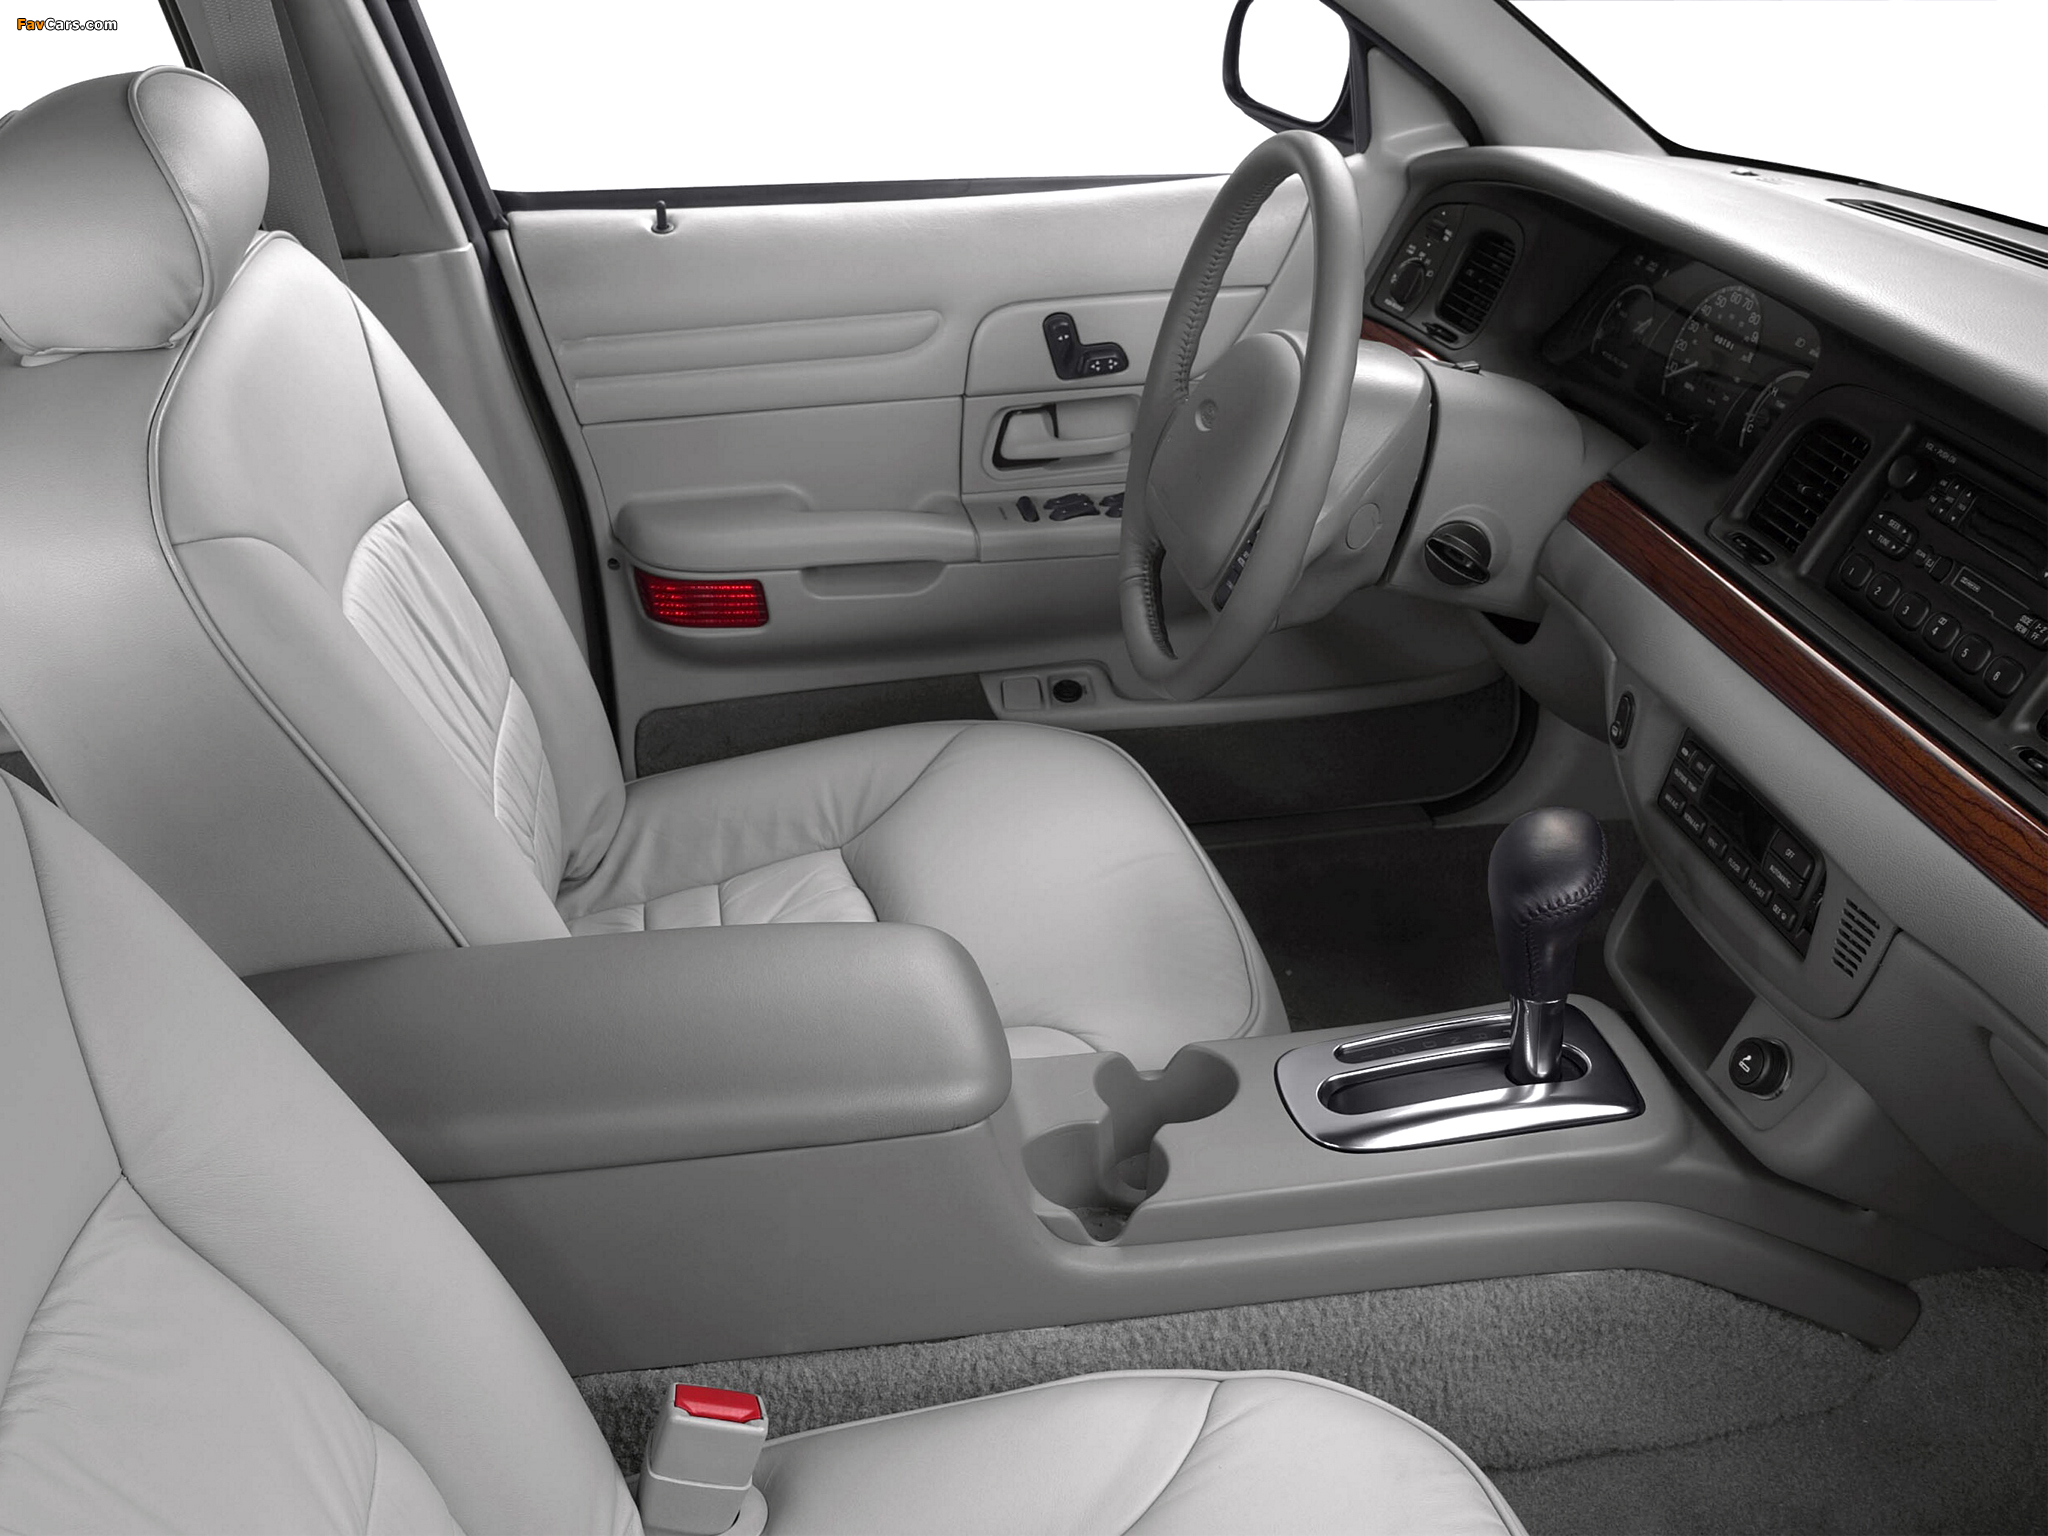 Ford Crown Victoria 1998 2011 Photos 2048x1536